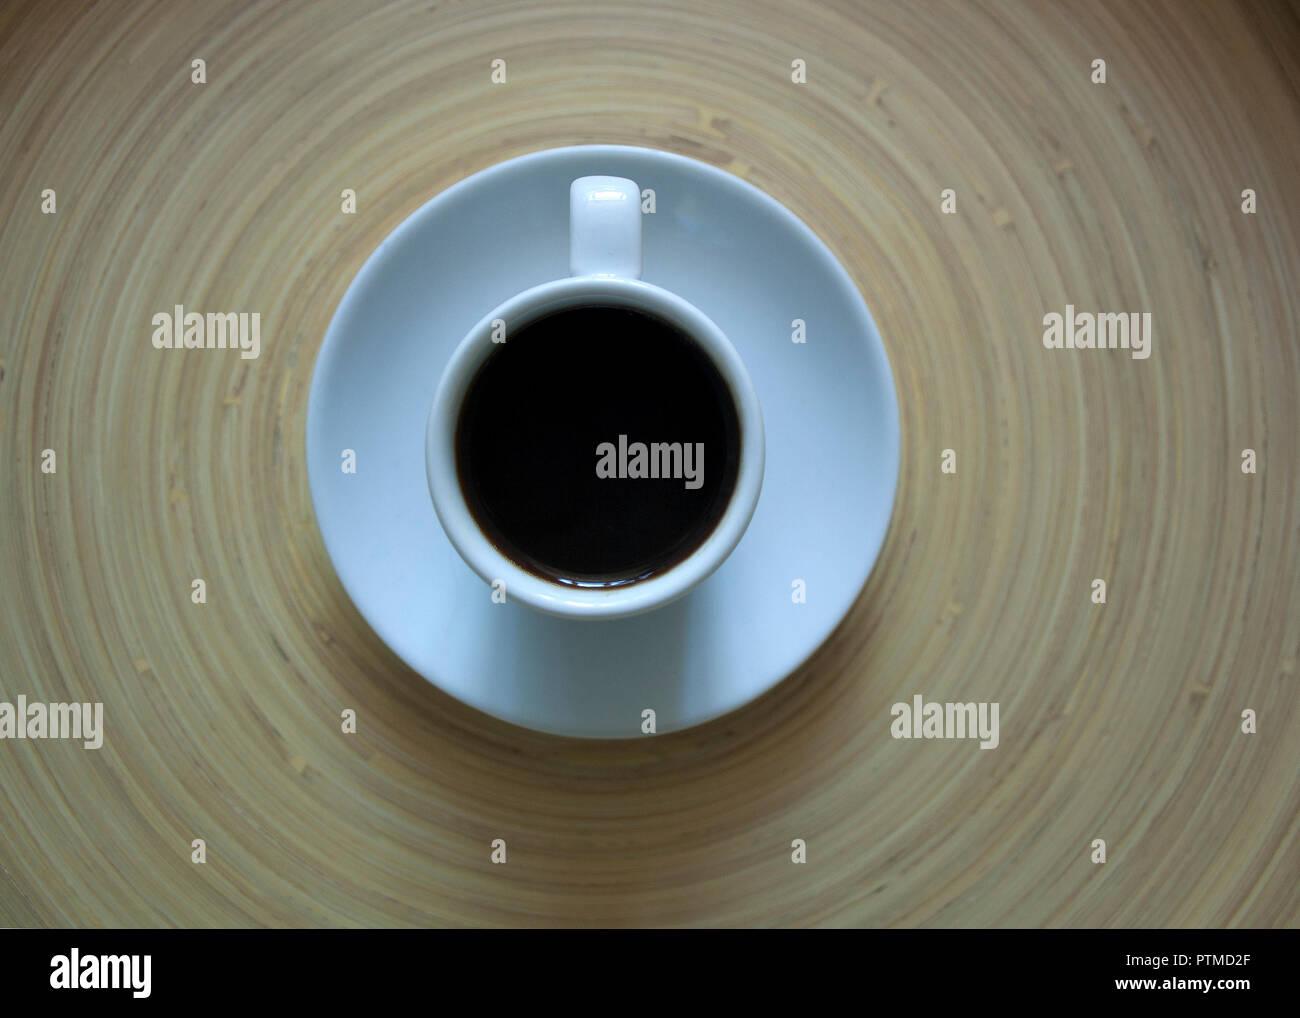 Una tazza di caffè su un sfondo di legno con il design circolare Immagini Stock